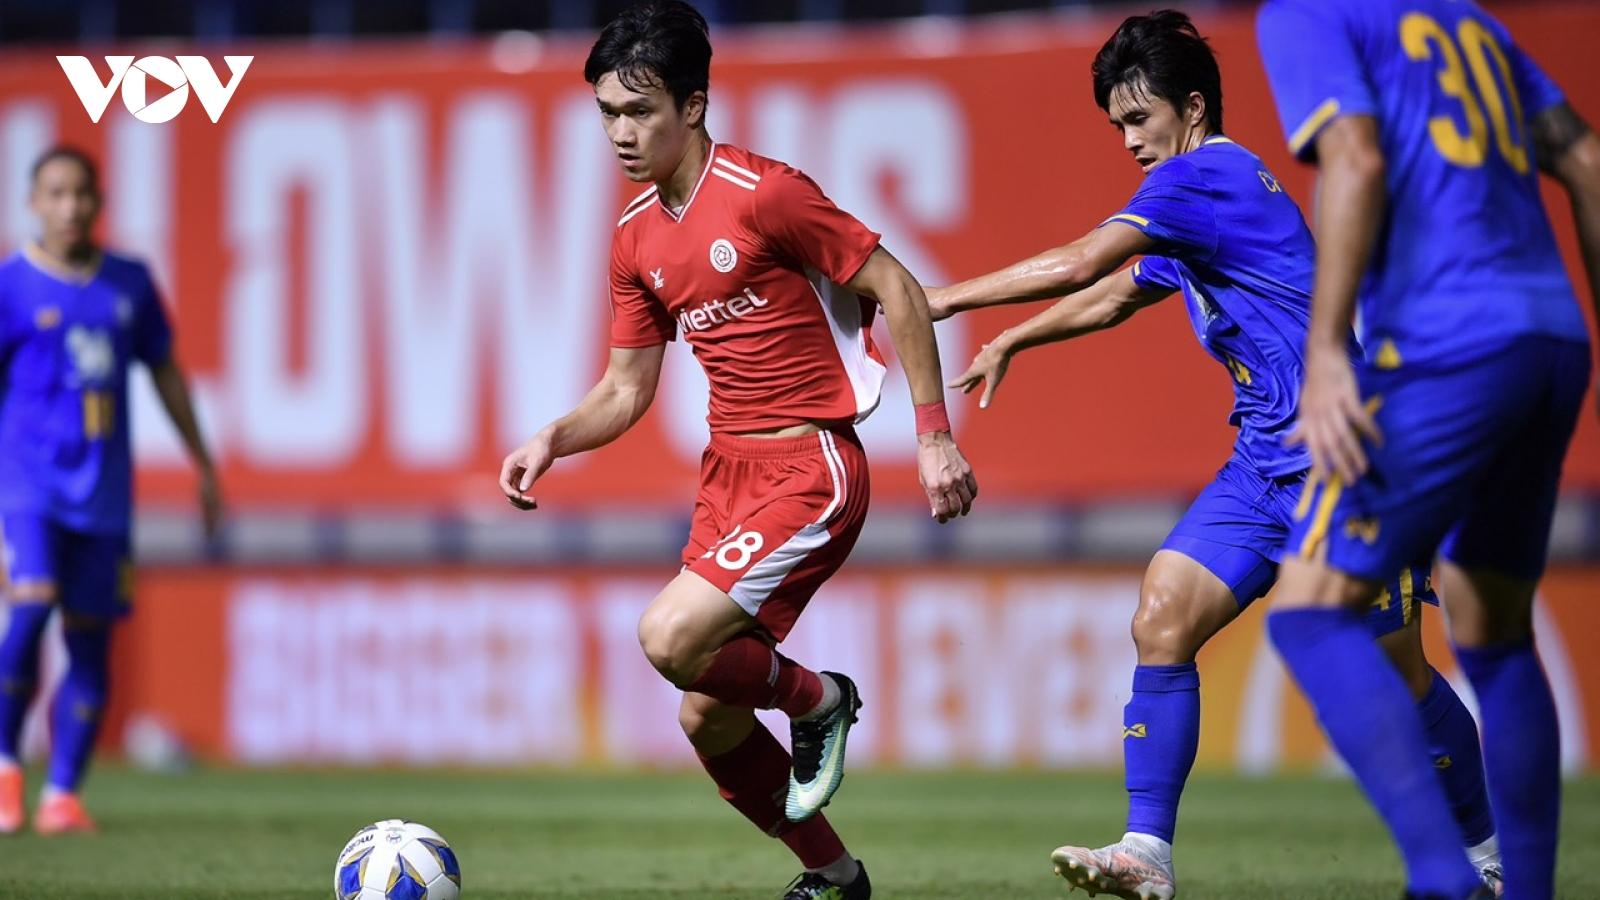 Thua ngược BG Pathum United, Viettel FC dừng bước sớm ở AFC Champions League 2021